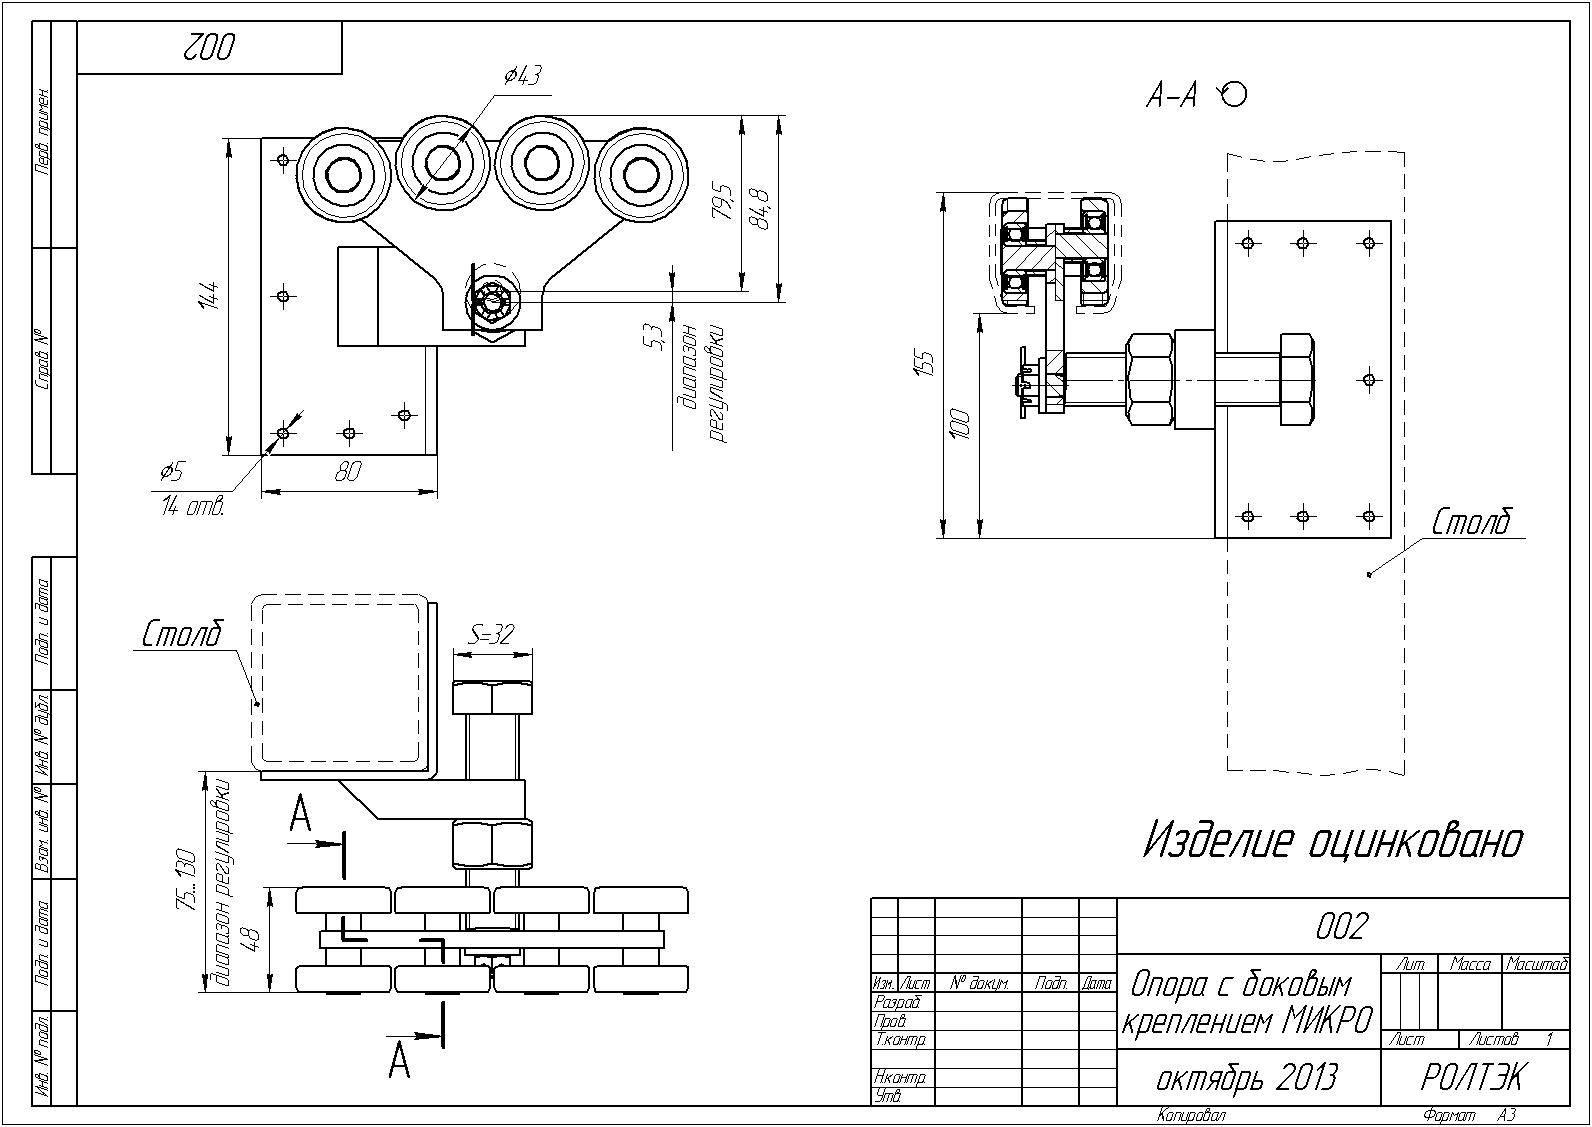 Как сделать раздвижные ворота на роликах без автоматики своими руками: фото, чертеж и видео